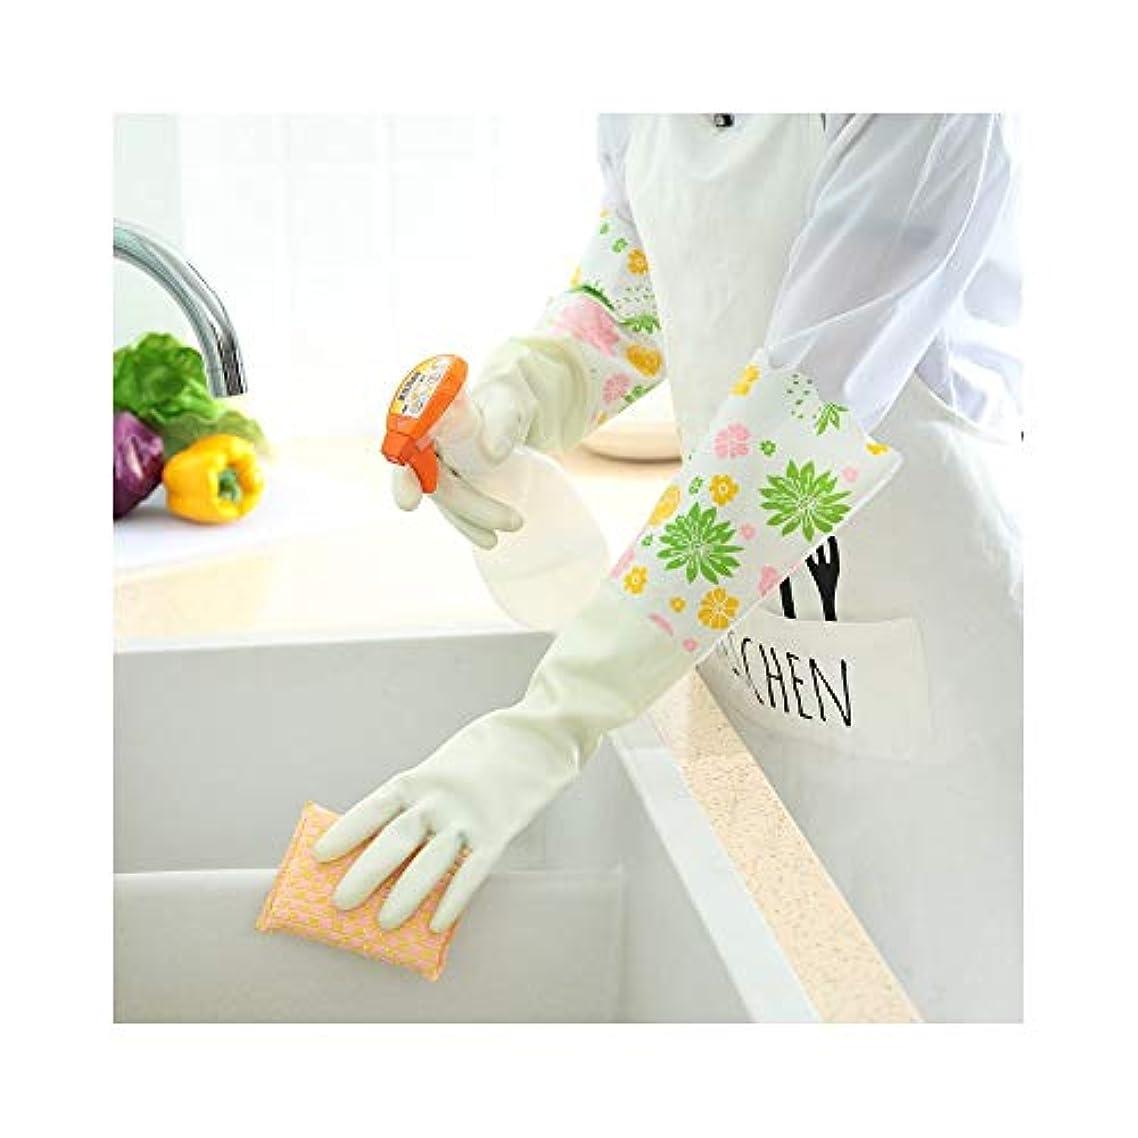 ショッキングワーディアンケース工業用ニトリルゴム手袋 キッチン用手袋防水性と耐久性のあるゴム製家事用手袋、1ペア 使い捨て手袋 (Color : GREEN, Size : L)